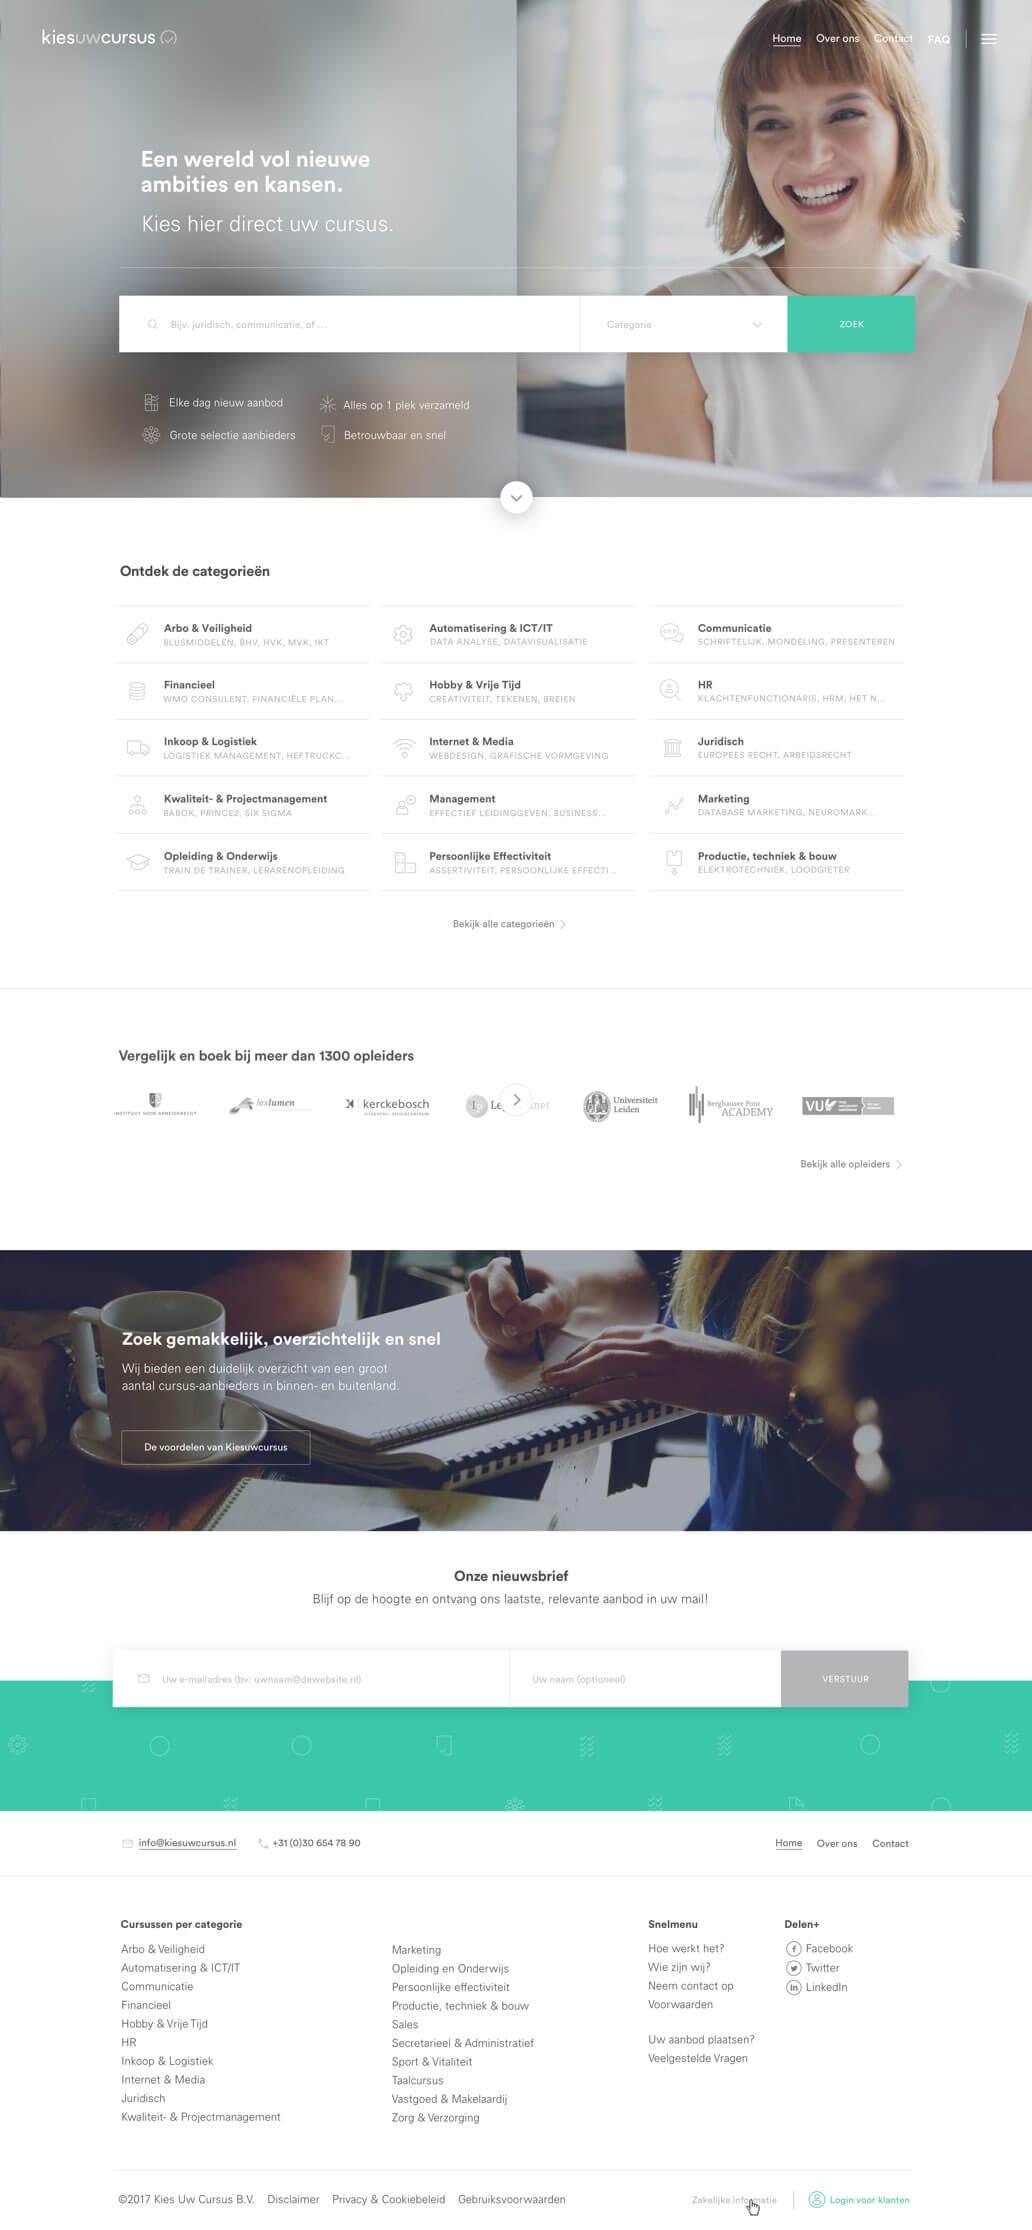 Kies uw Cursus homepage design